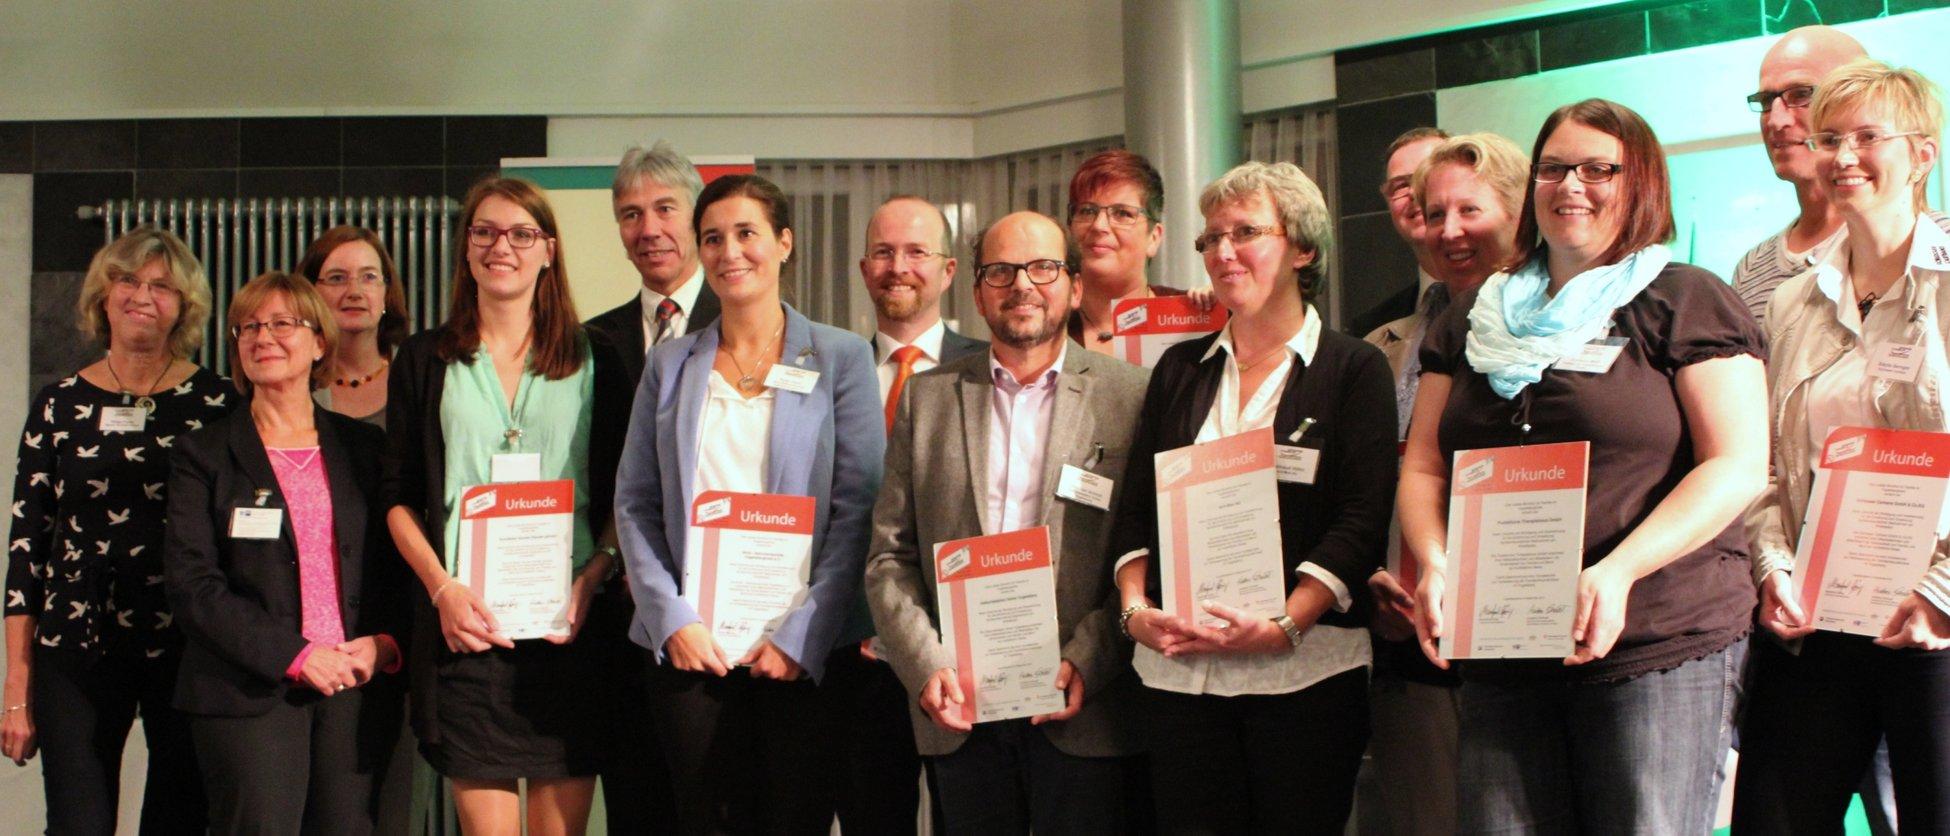 Die Vertreter der ausgezeichneten familienfreundlichen Unternehmen und die Wettbewerbsjury. Foto: Gabriele Richter, Pressestelle Vogelsbergkreis.